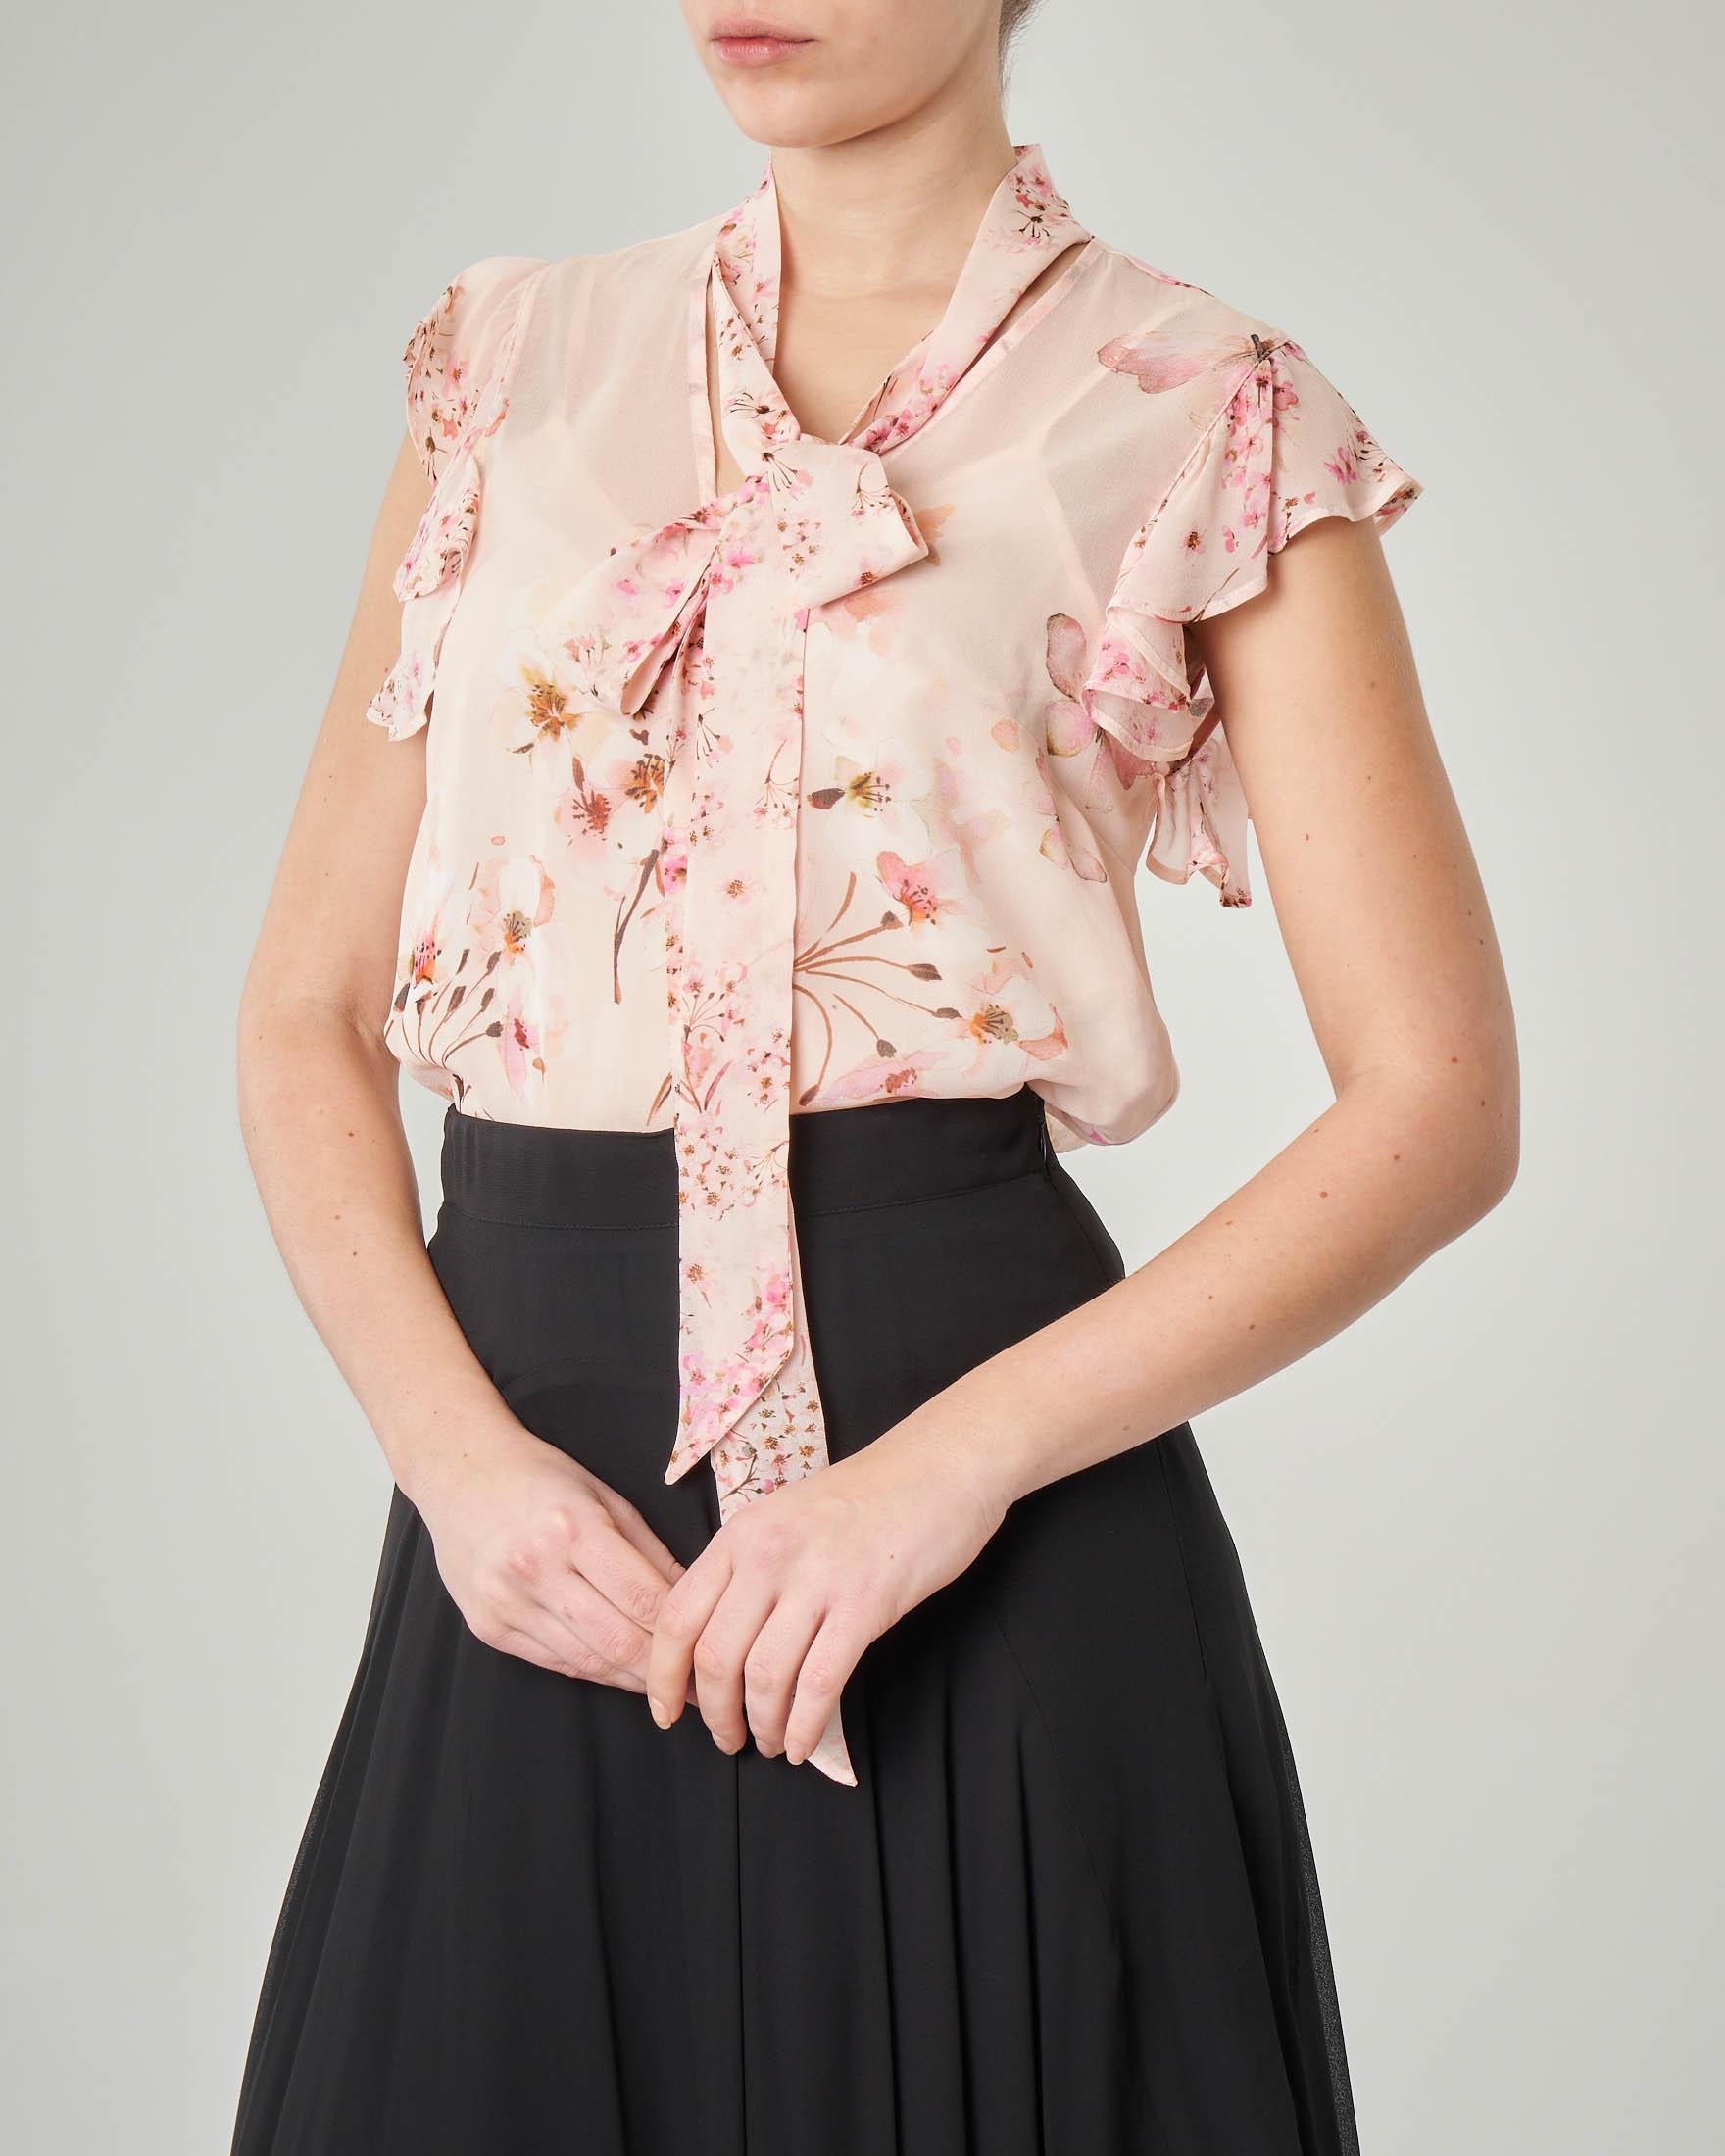 cheaper b8b03 08233 Camicetta rosa a fantasia floreale con maniche corte a volant